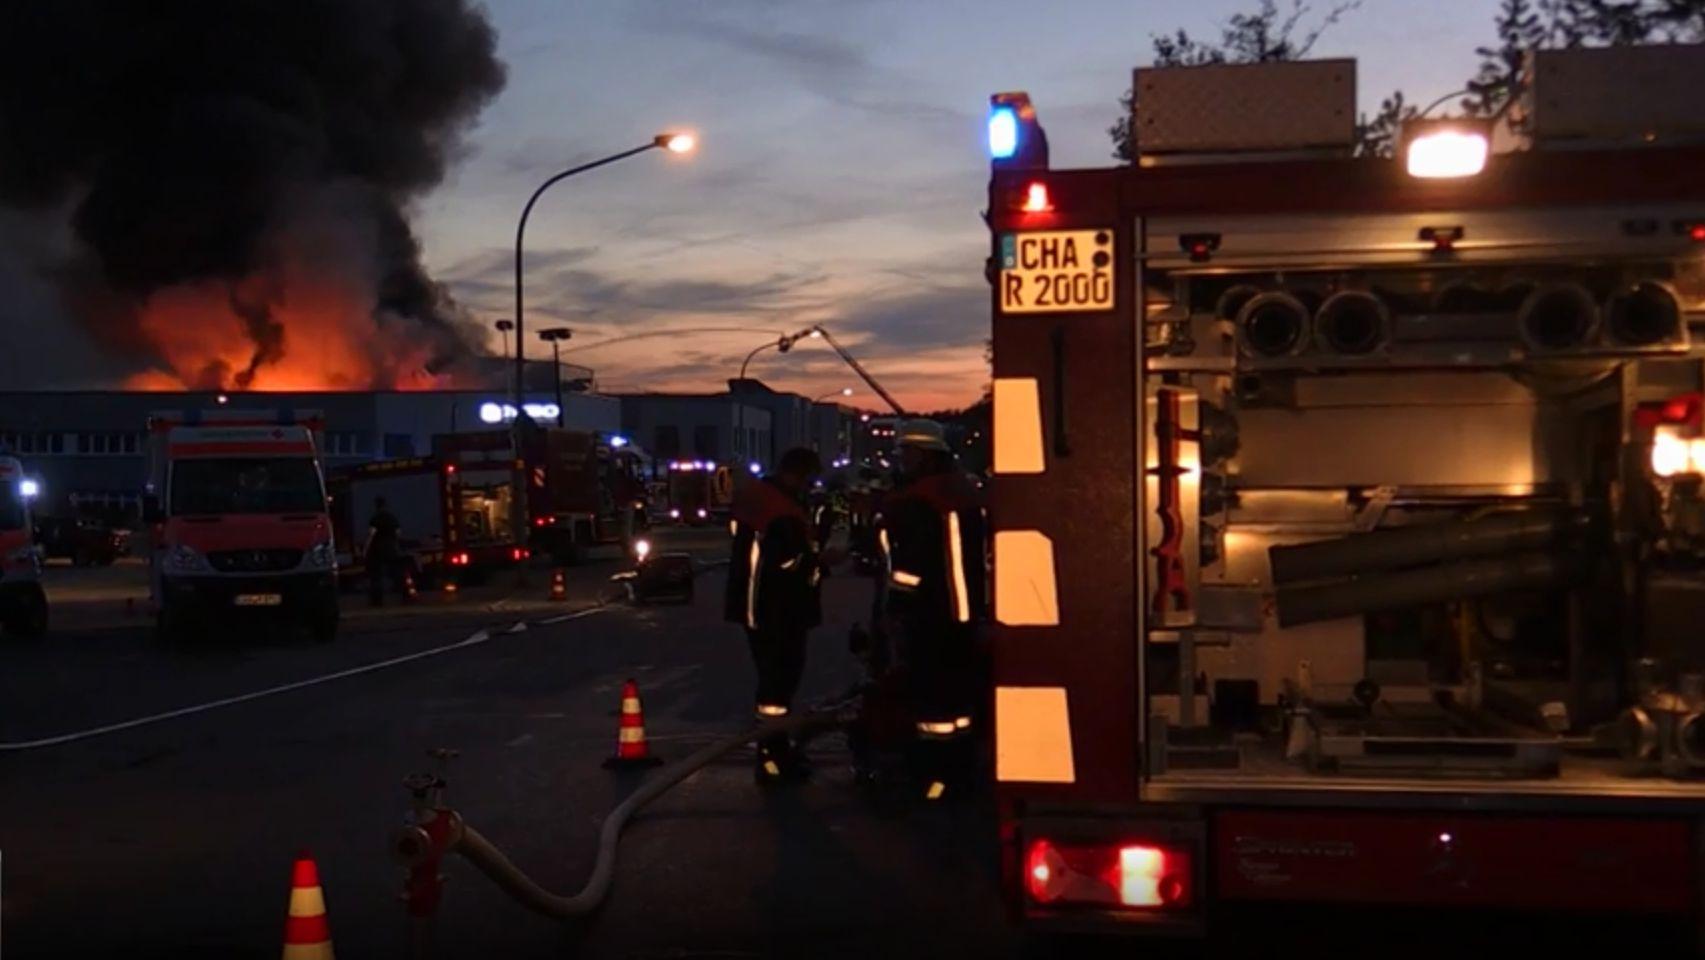 Großbrand in Roding